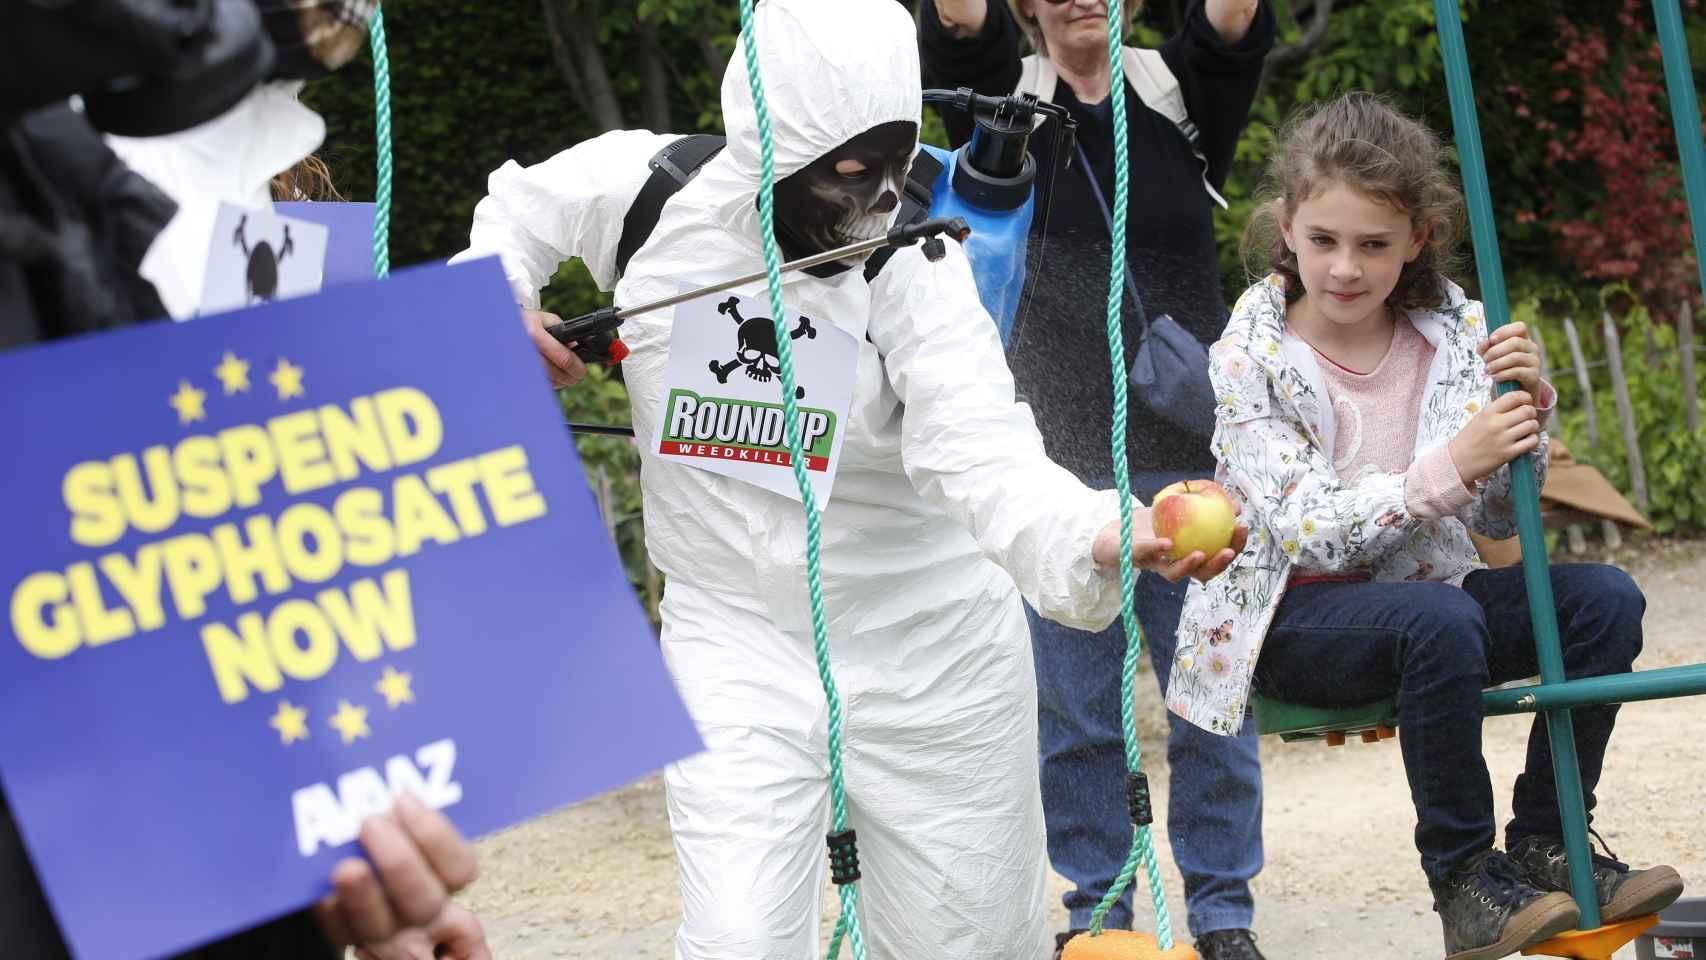 Activiztas de Avaaz protestan contra el uso de pesticidas con glifosato en Bruselas.